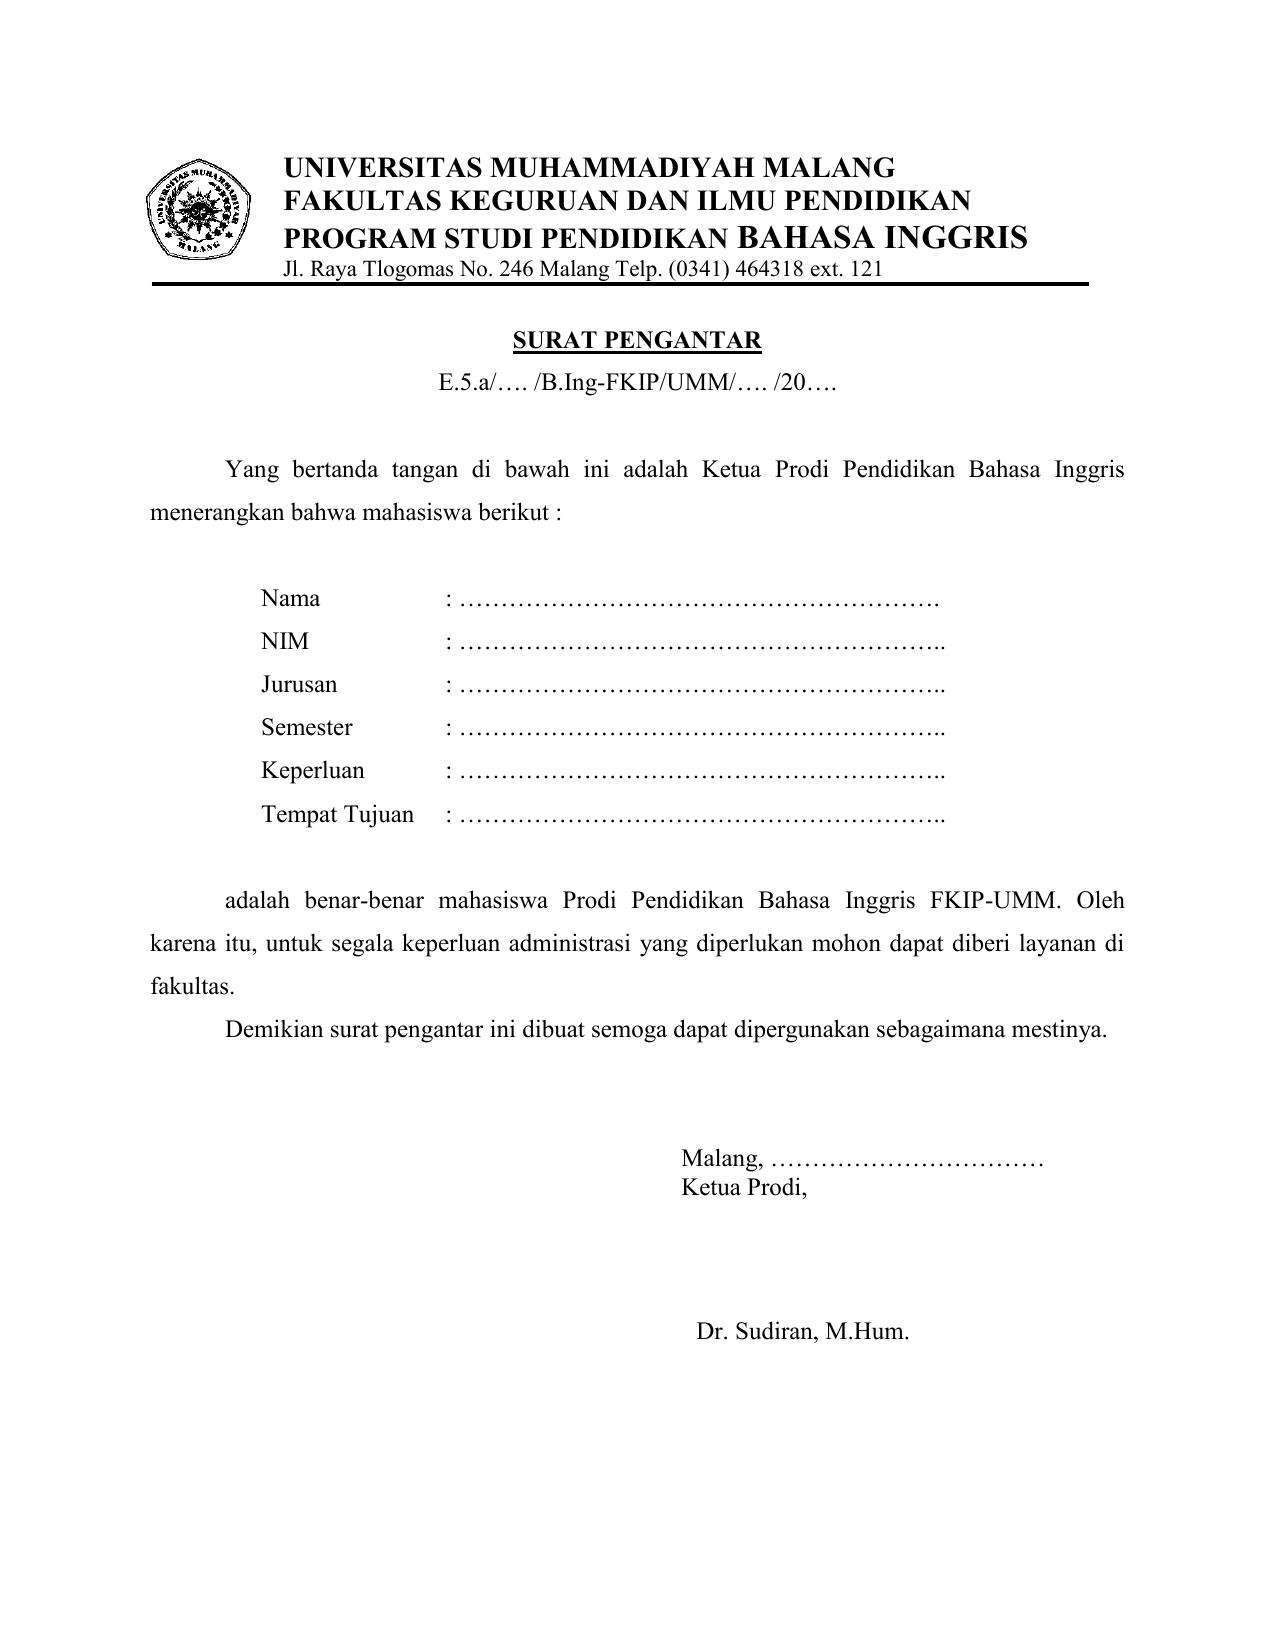 Surat Pengantar Pendidikan Bahasa Inggris